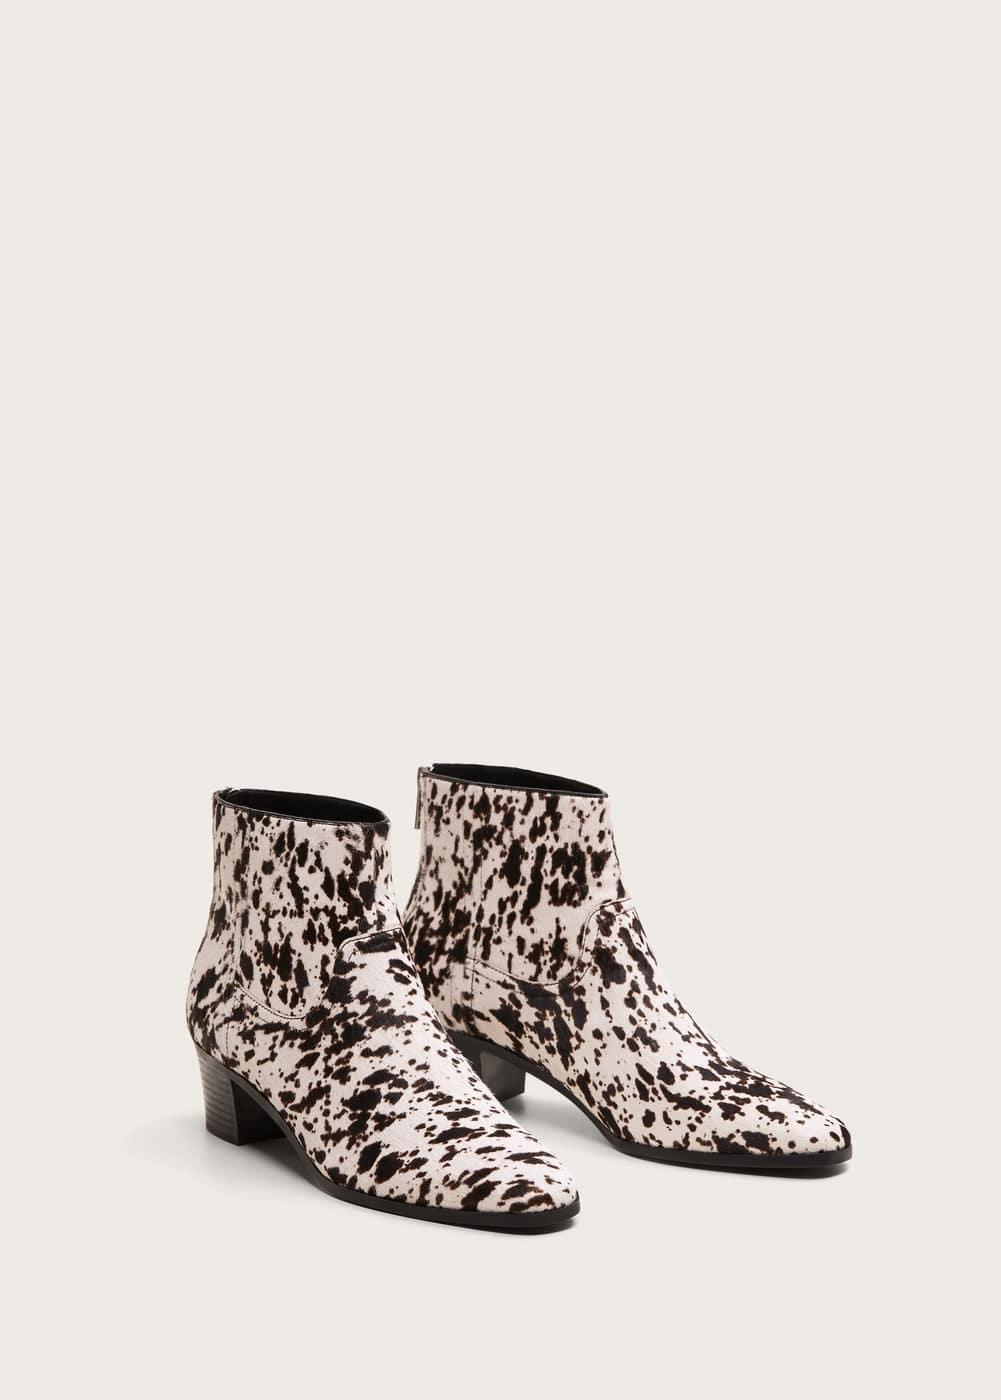 e7e8689e240 Animal print leather ankle boots